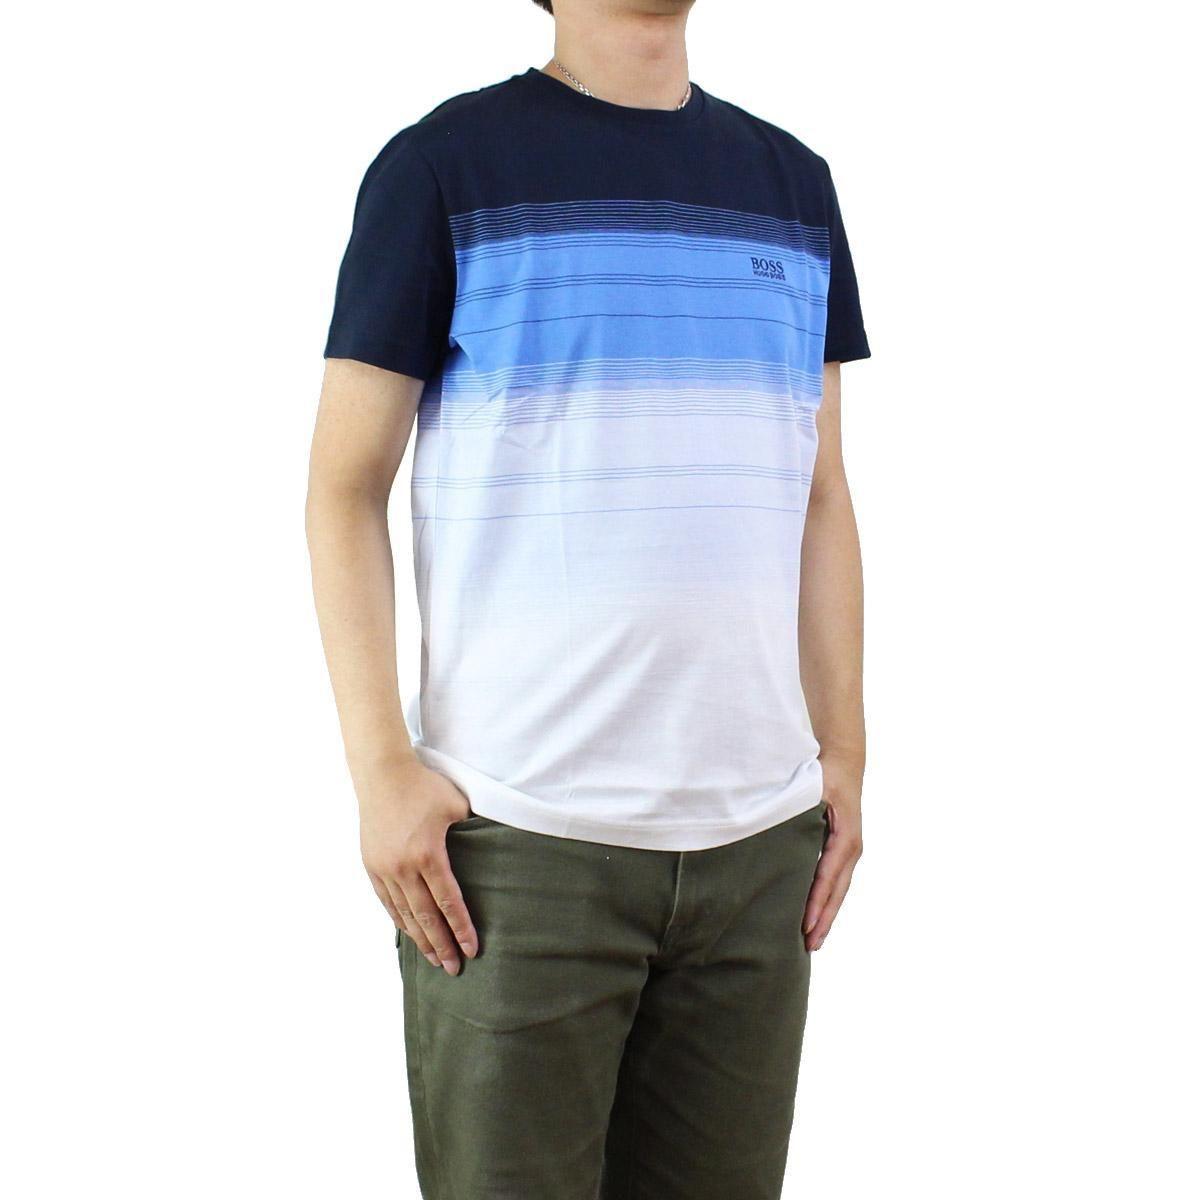 ヒューゴ・ボス(HUGO BOSS) メンズTシャツ